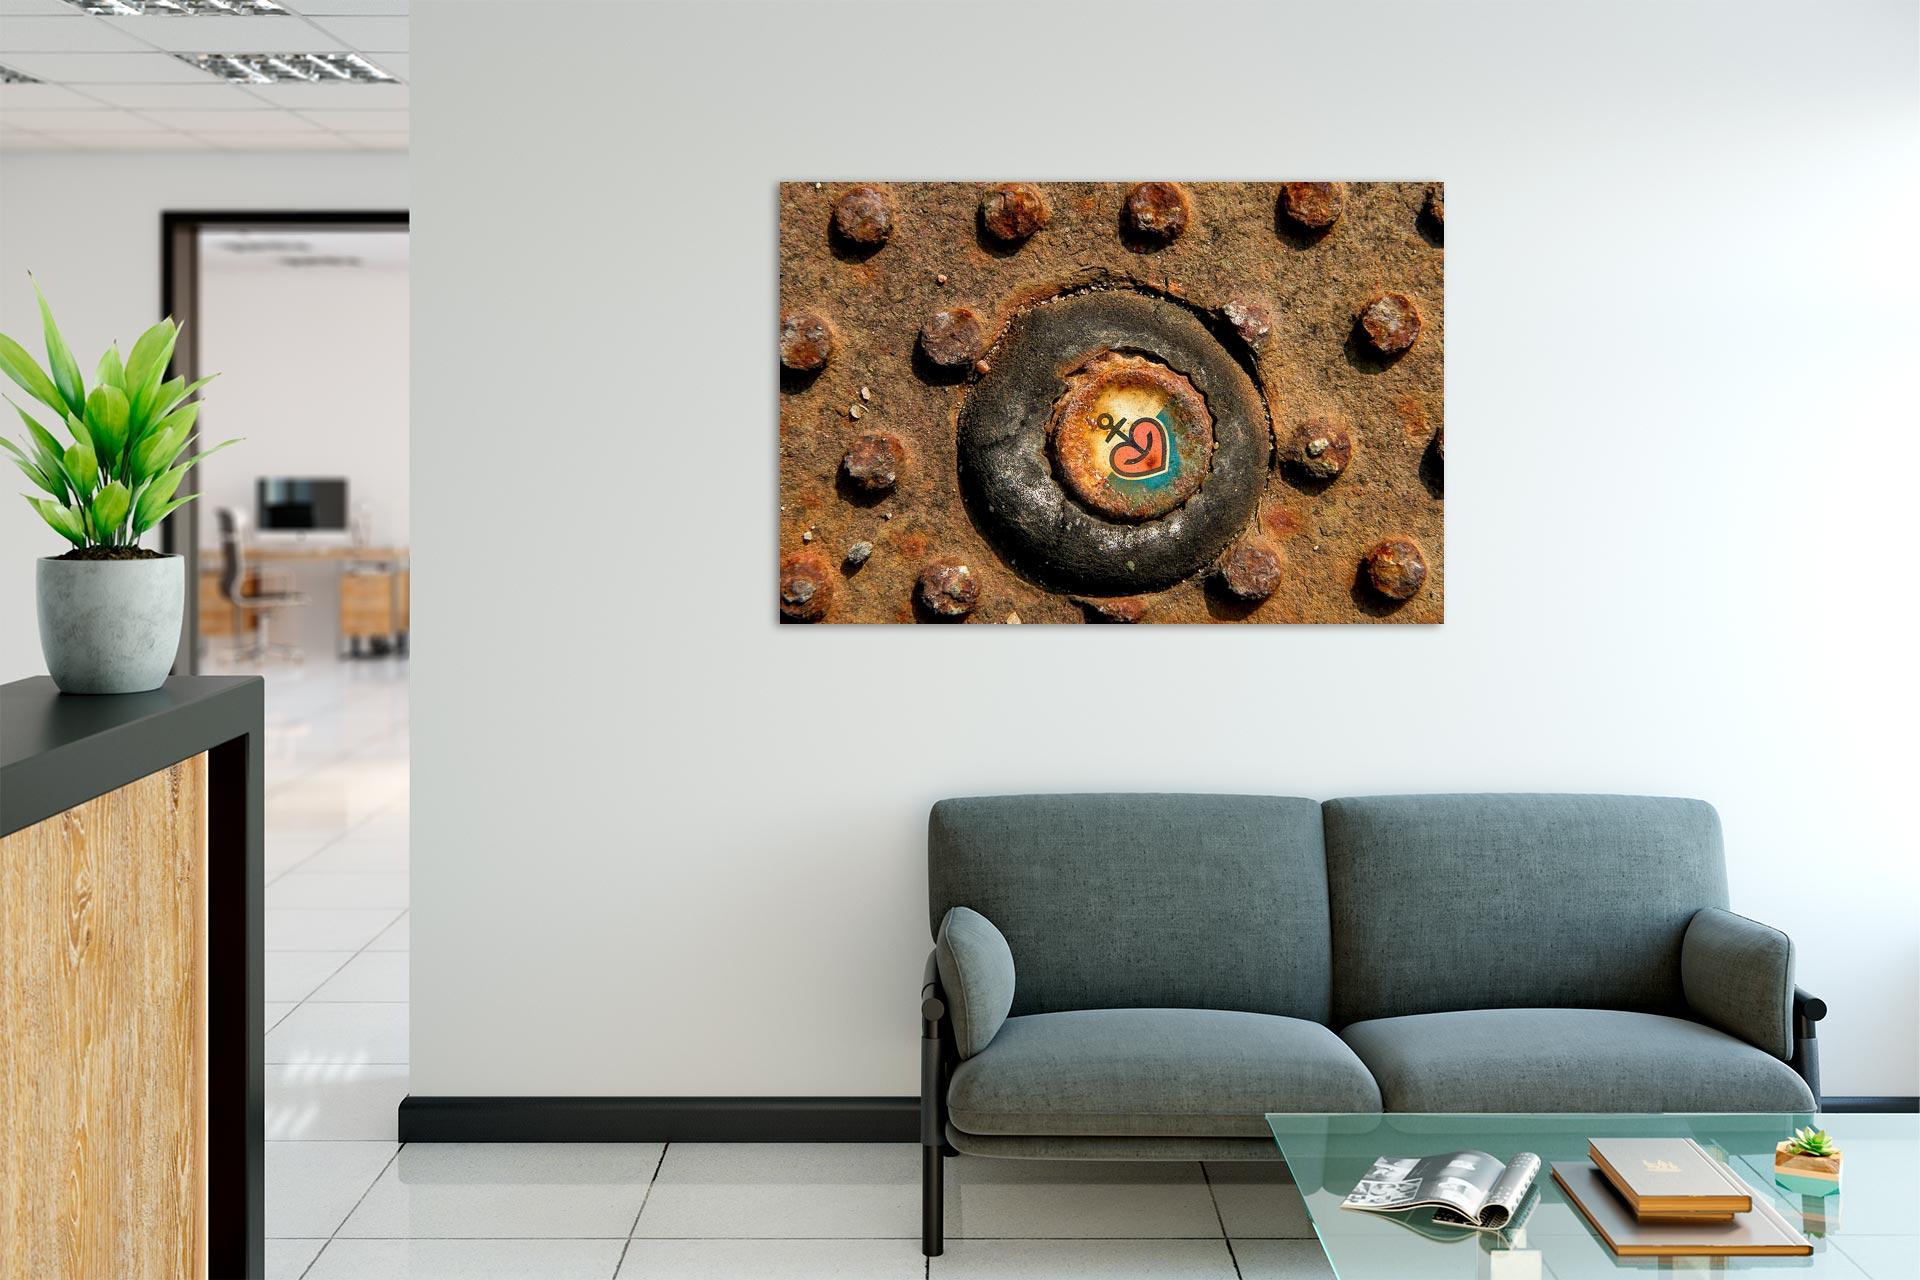 NL041-astra-hamburg-wandbild-auf-leinwand-acrylglas-aludibond-empfang